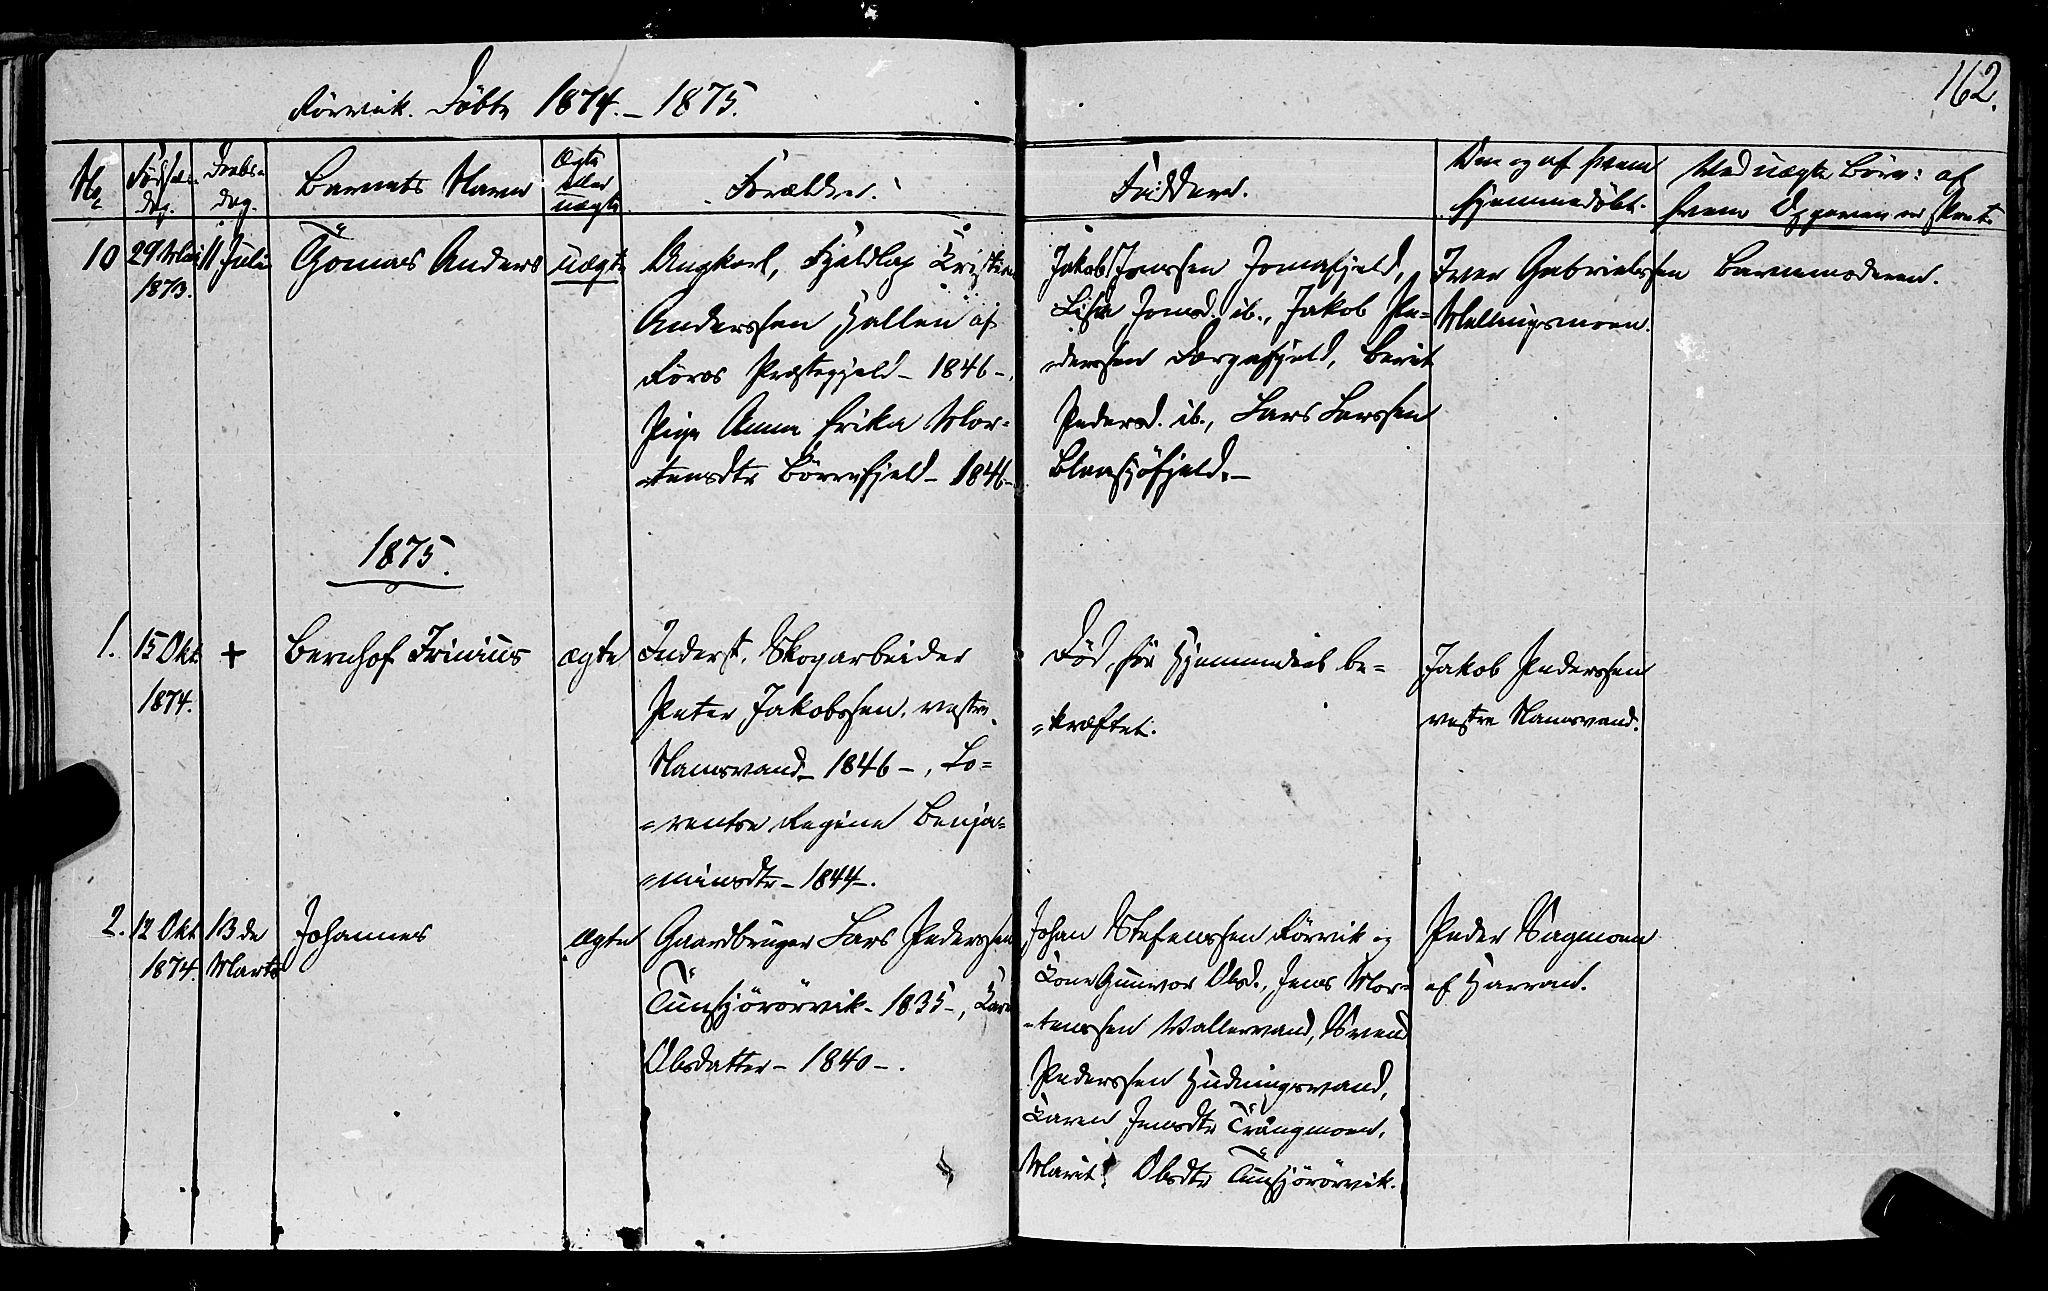 SAT, Ministerialprotokoller, klokkerbøker og fødselsregistre - Nord-Trøndelag, 762/L0538: Ministerialbok nr. 762A02 /1, 1833-1879, s. 162